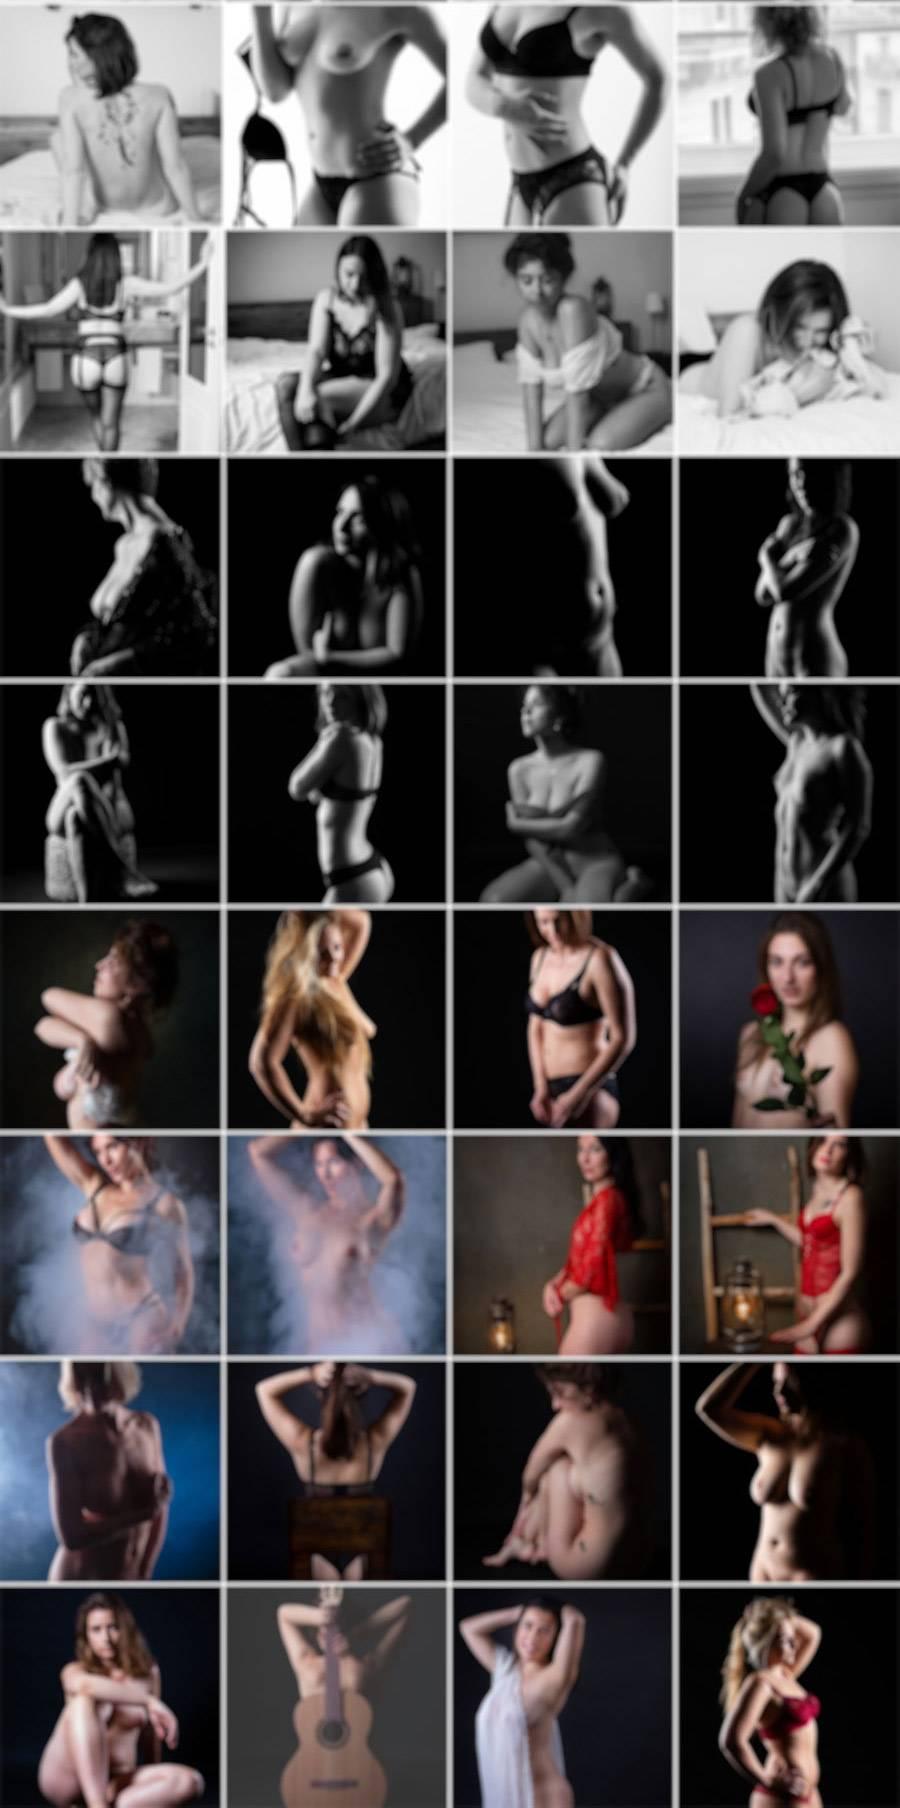 Exemples de photos de nu artistique et boudoir 2